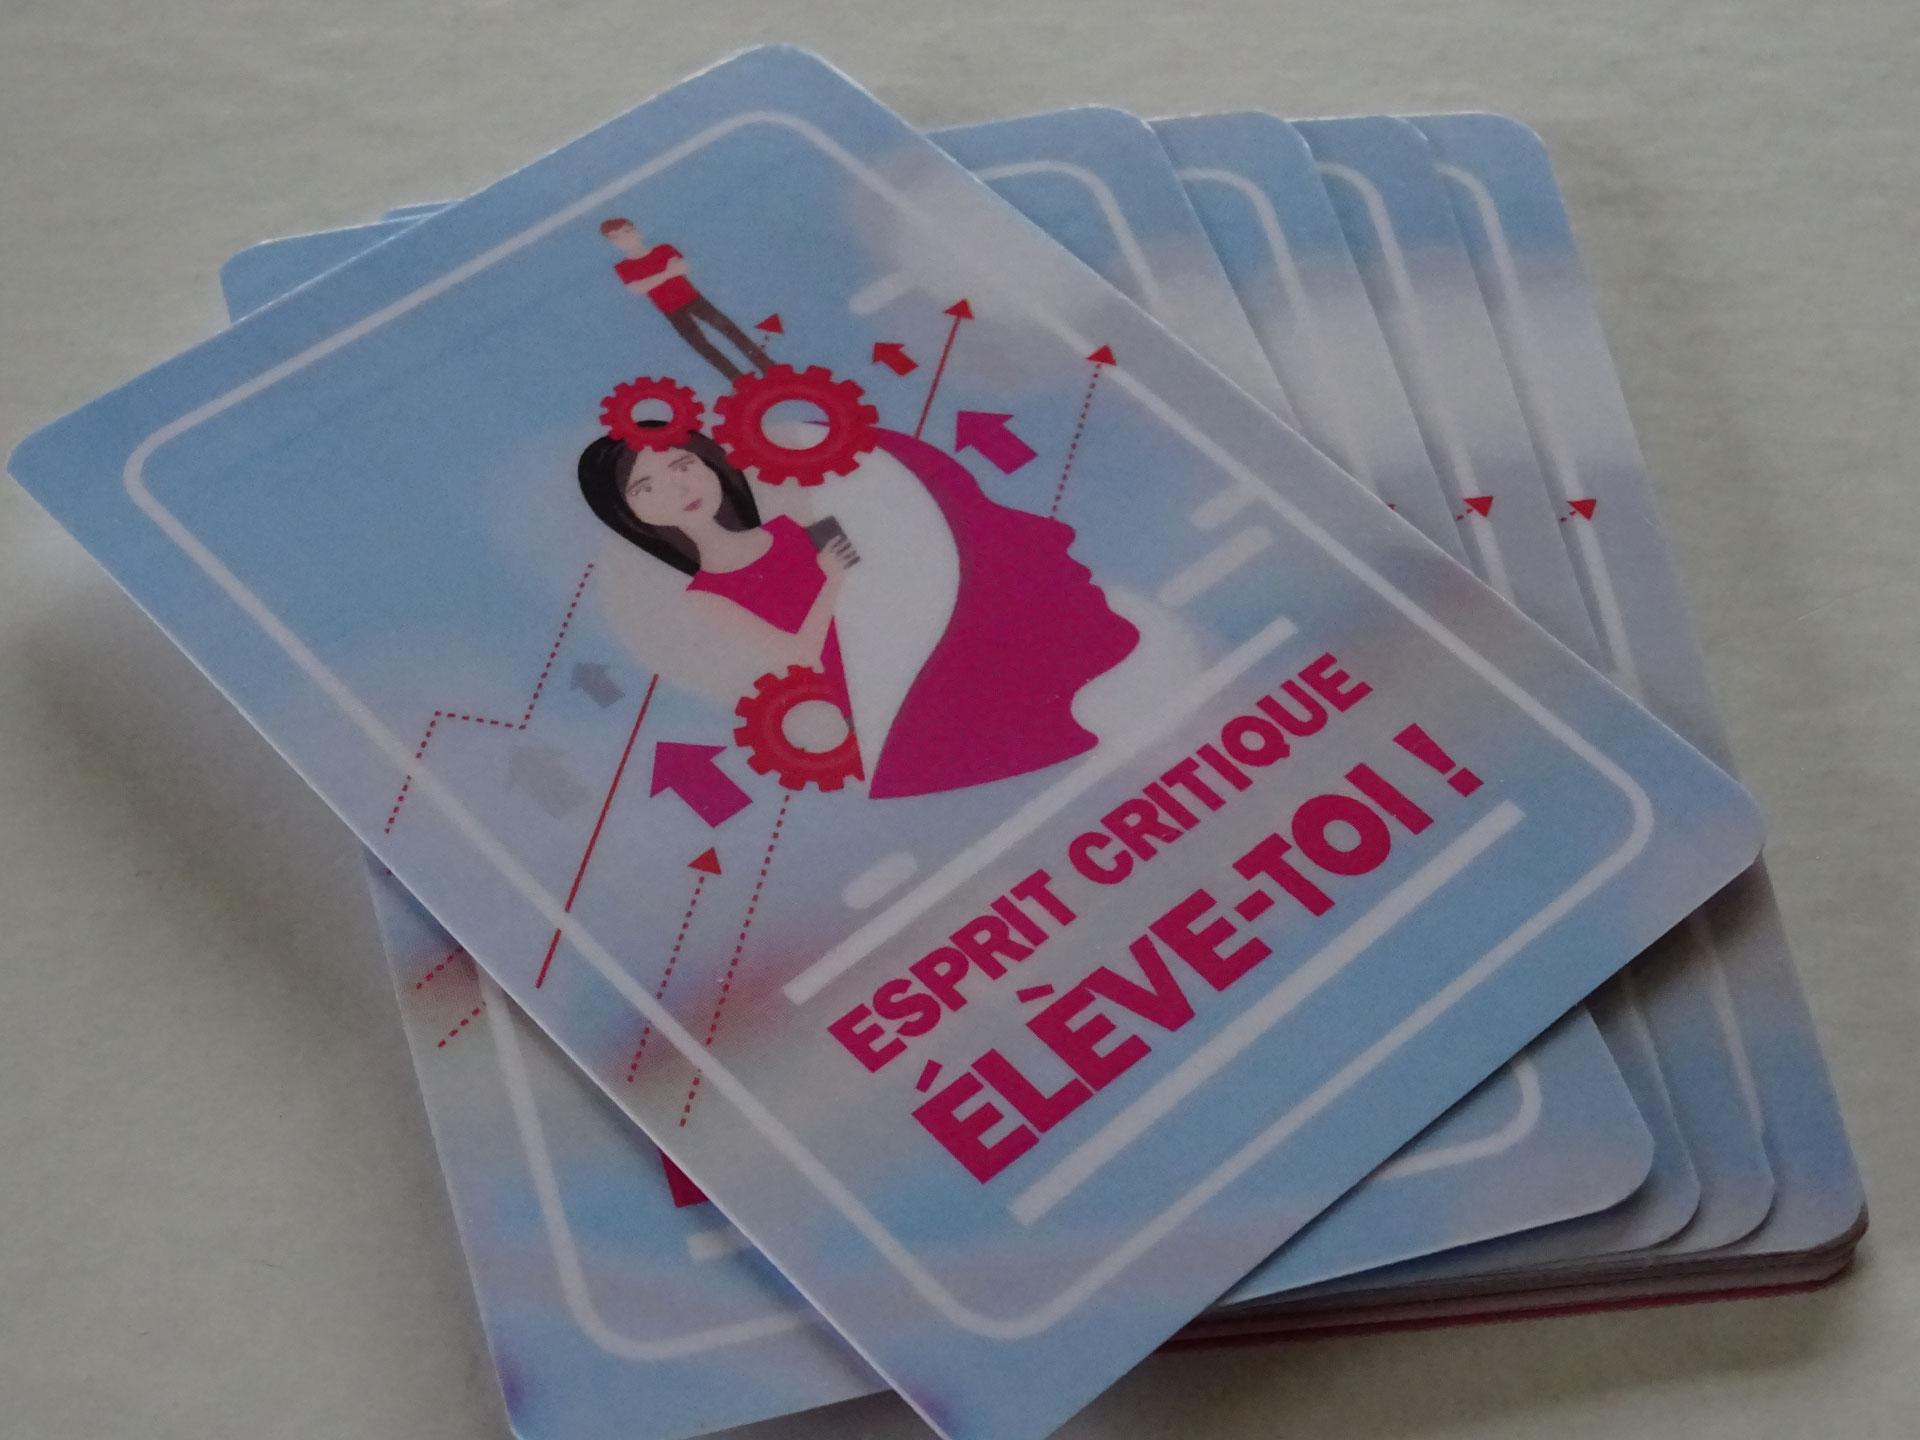 jeux de cartes socio-educatifs pour centre social